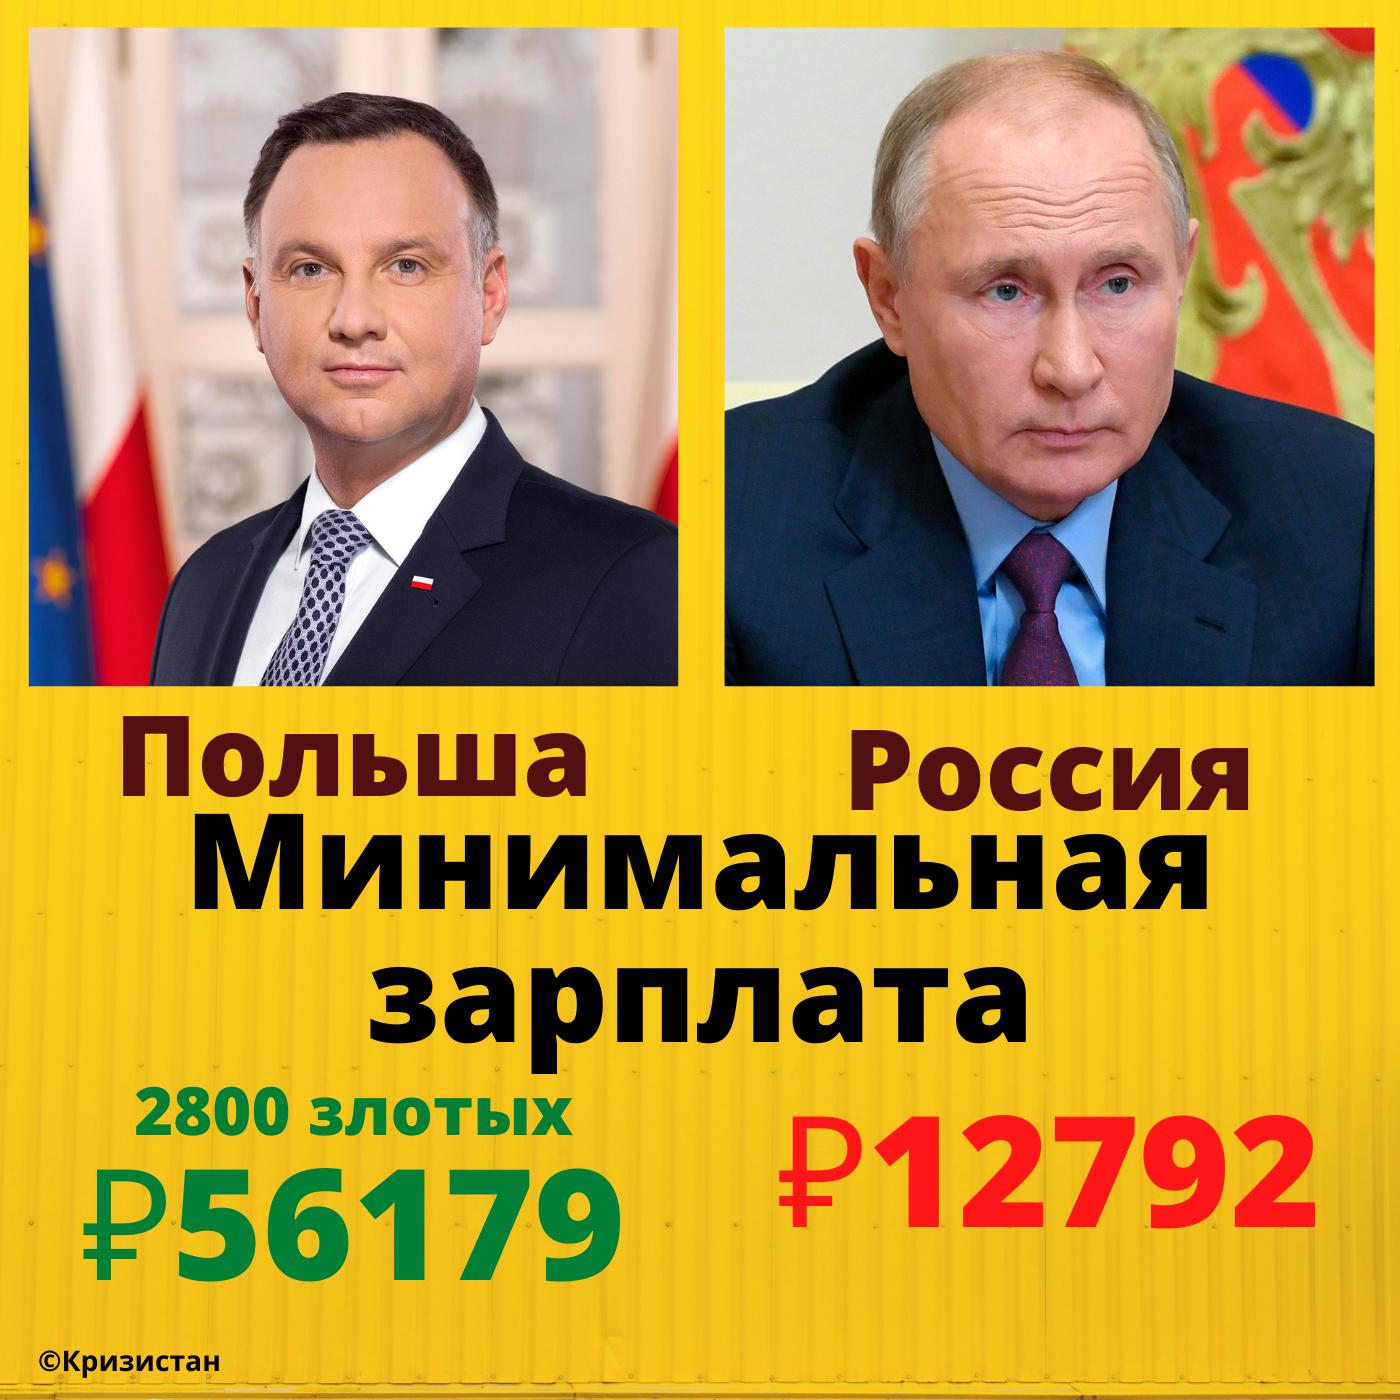 МРОТ в России и в Польше